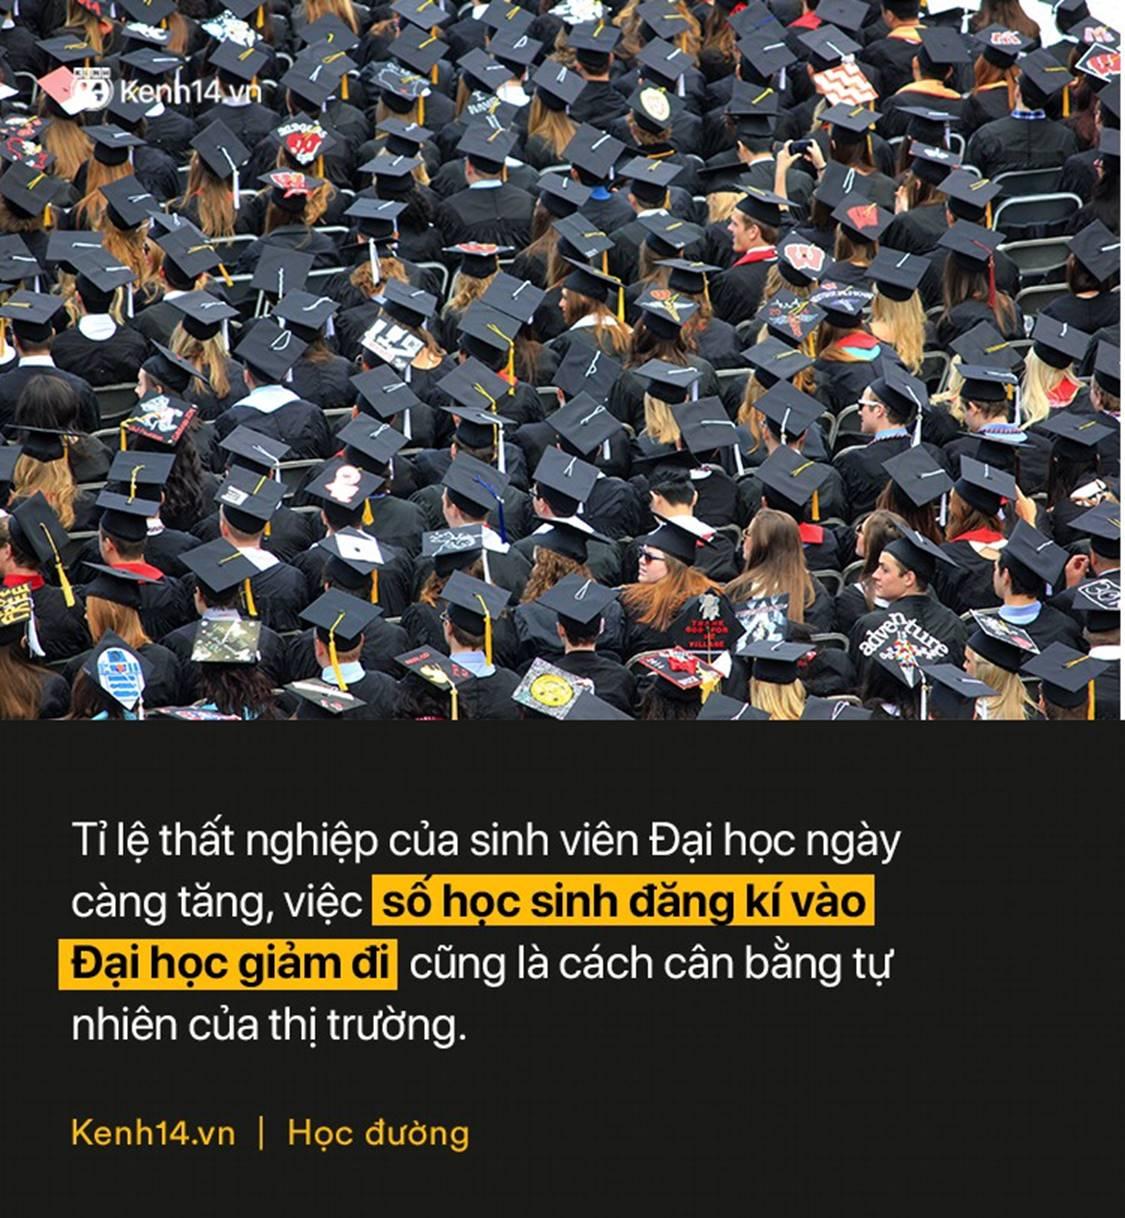 Hơn 270.000 học sinh lớp 12 không thi Đại học năm nay: Bằng ĐH hiện nay quá đắt đỏ và không đáng tiền bỏ ra?-1